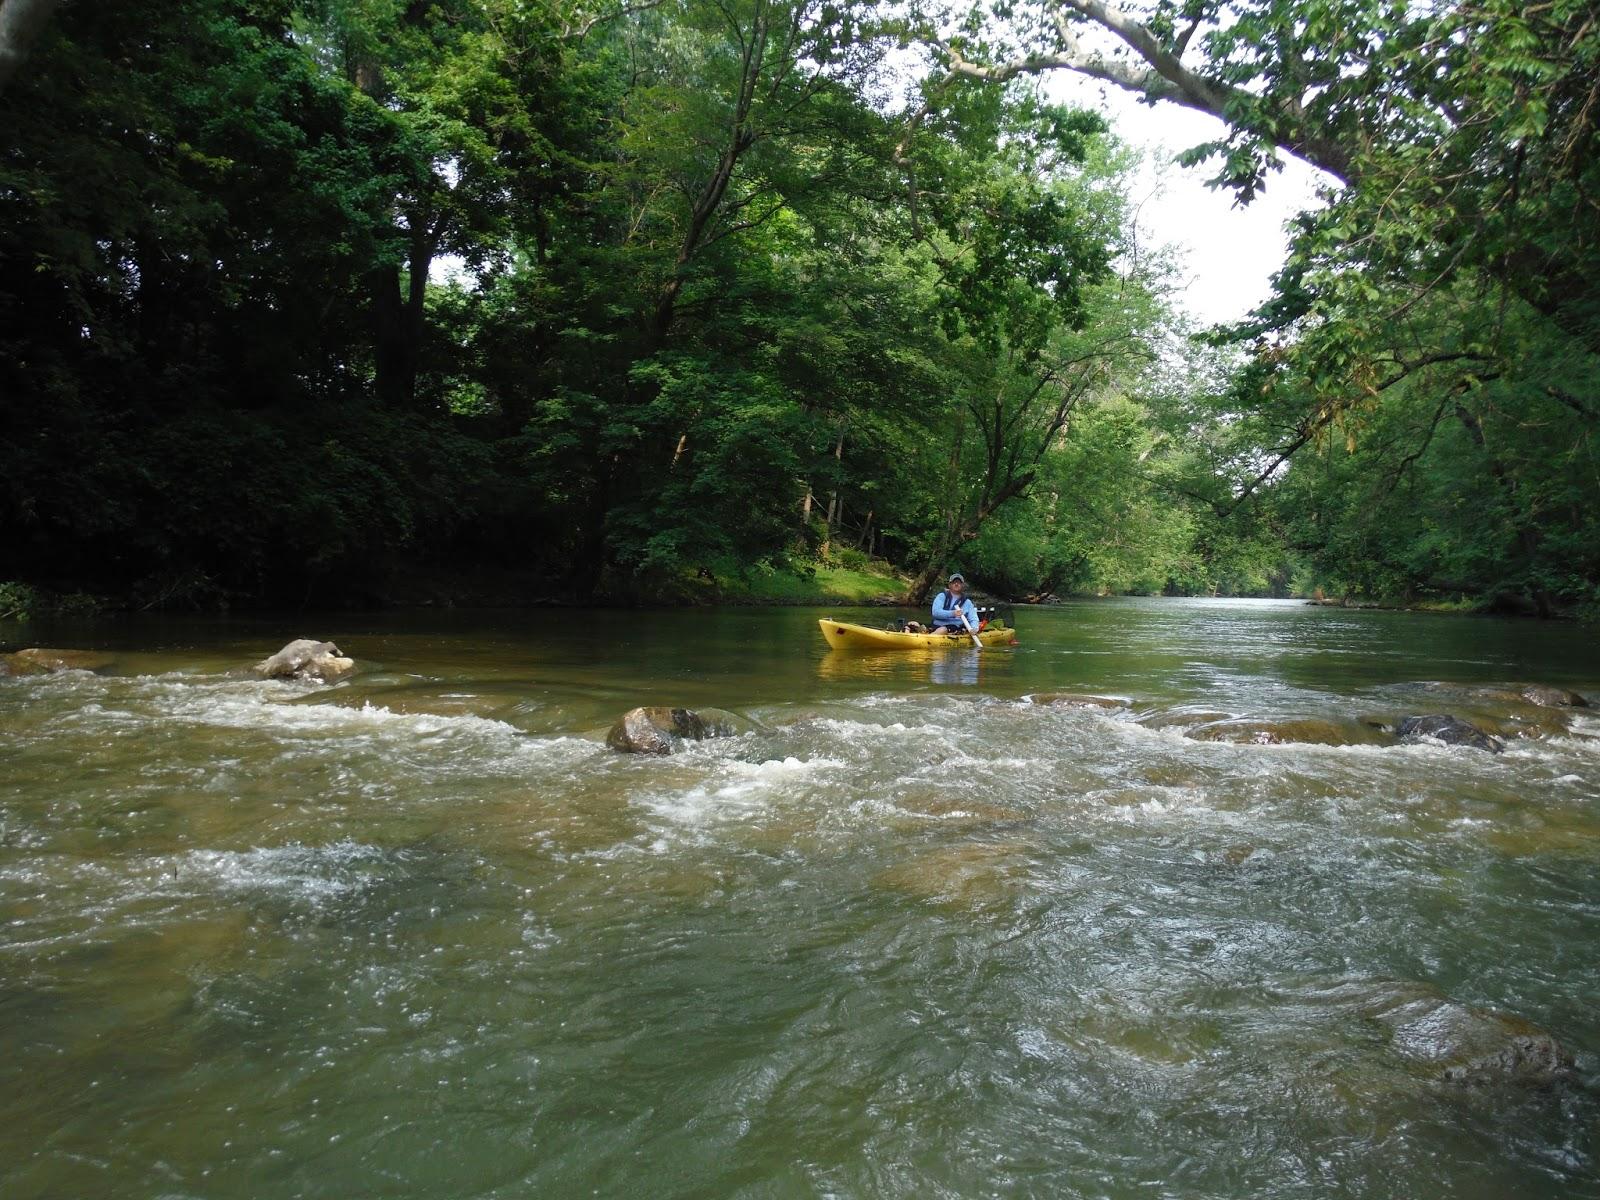 Indiana kayak fishing journal 7 5 15 river fishing for River fishing kayak